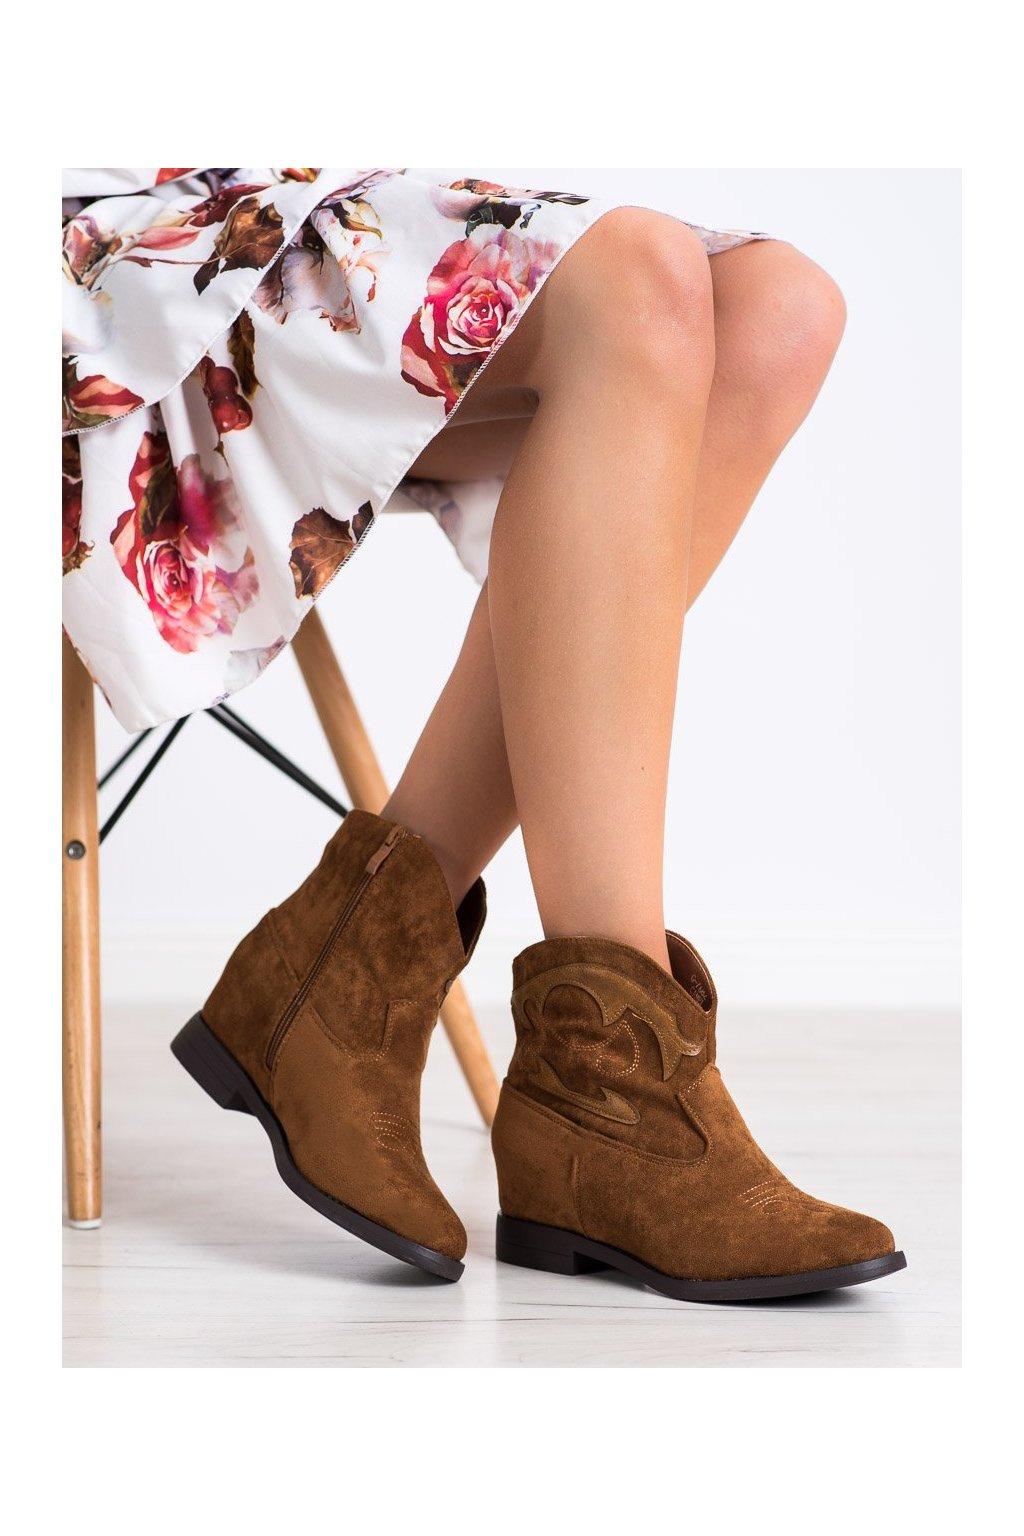 Hnedé dámske topánky Ideal shoes kod G-7682C